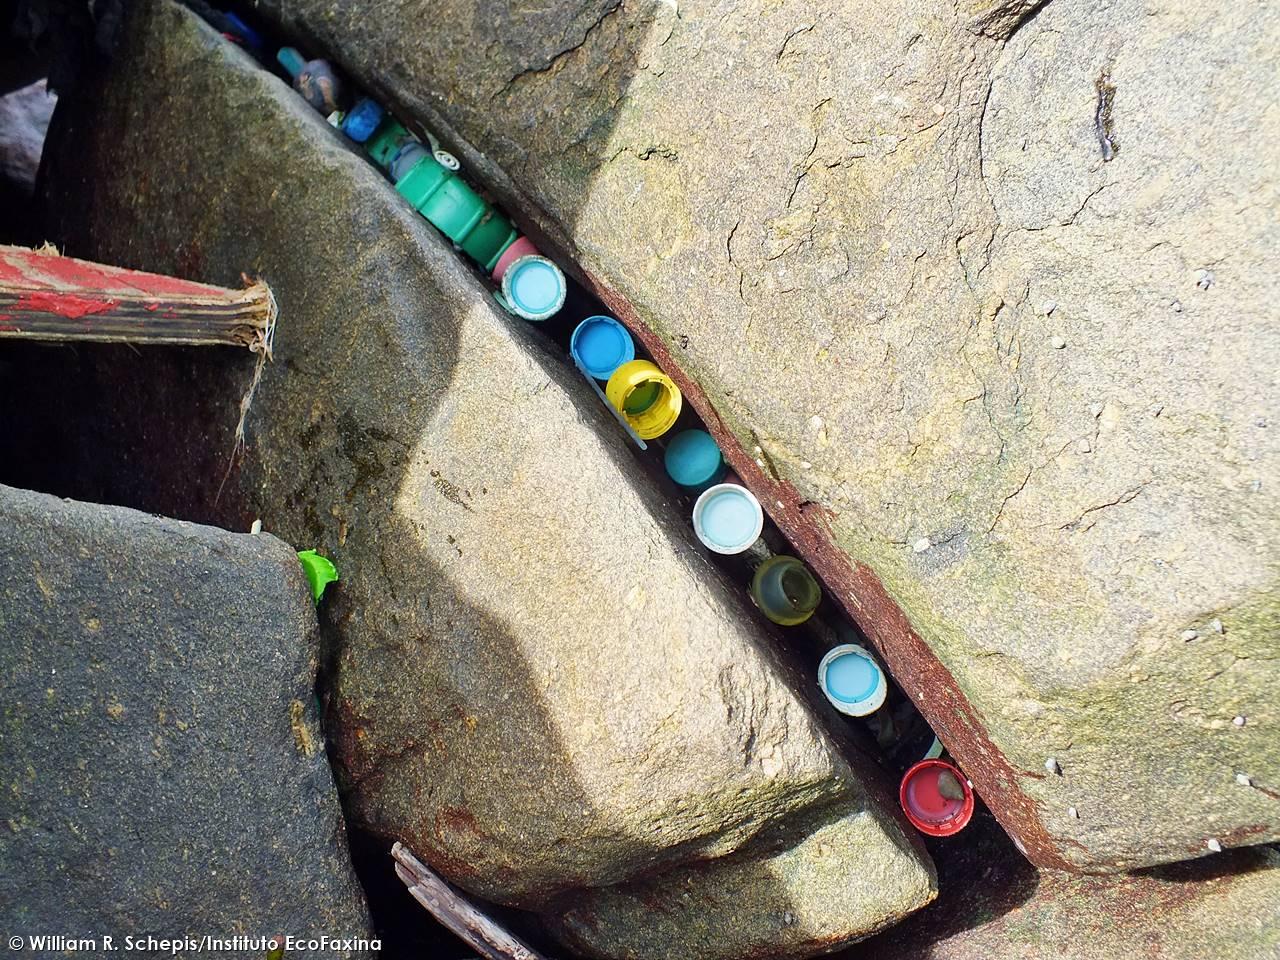 O plástico se acumula em ecossistemas costeiros como manguezais, praias e costões rochosos, causando graves impactos à fauna marinha. Crédito: William R. Schepis/Instituto EcoFaxina